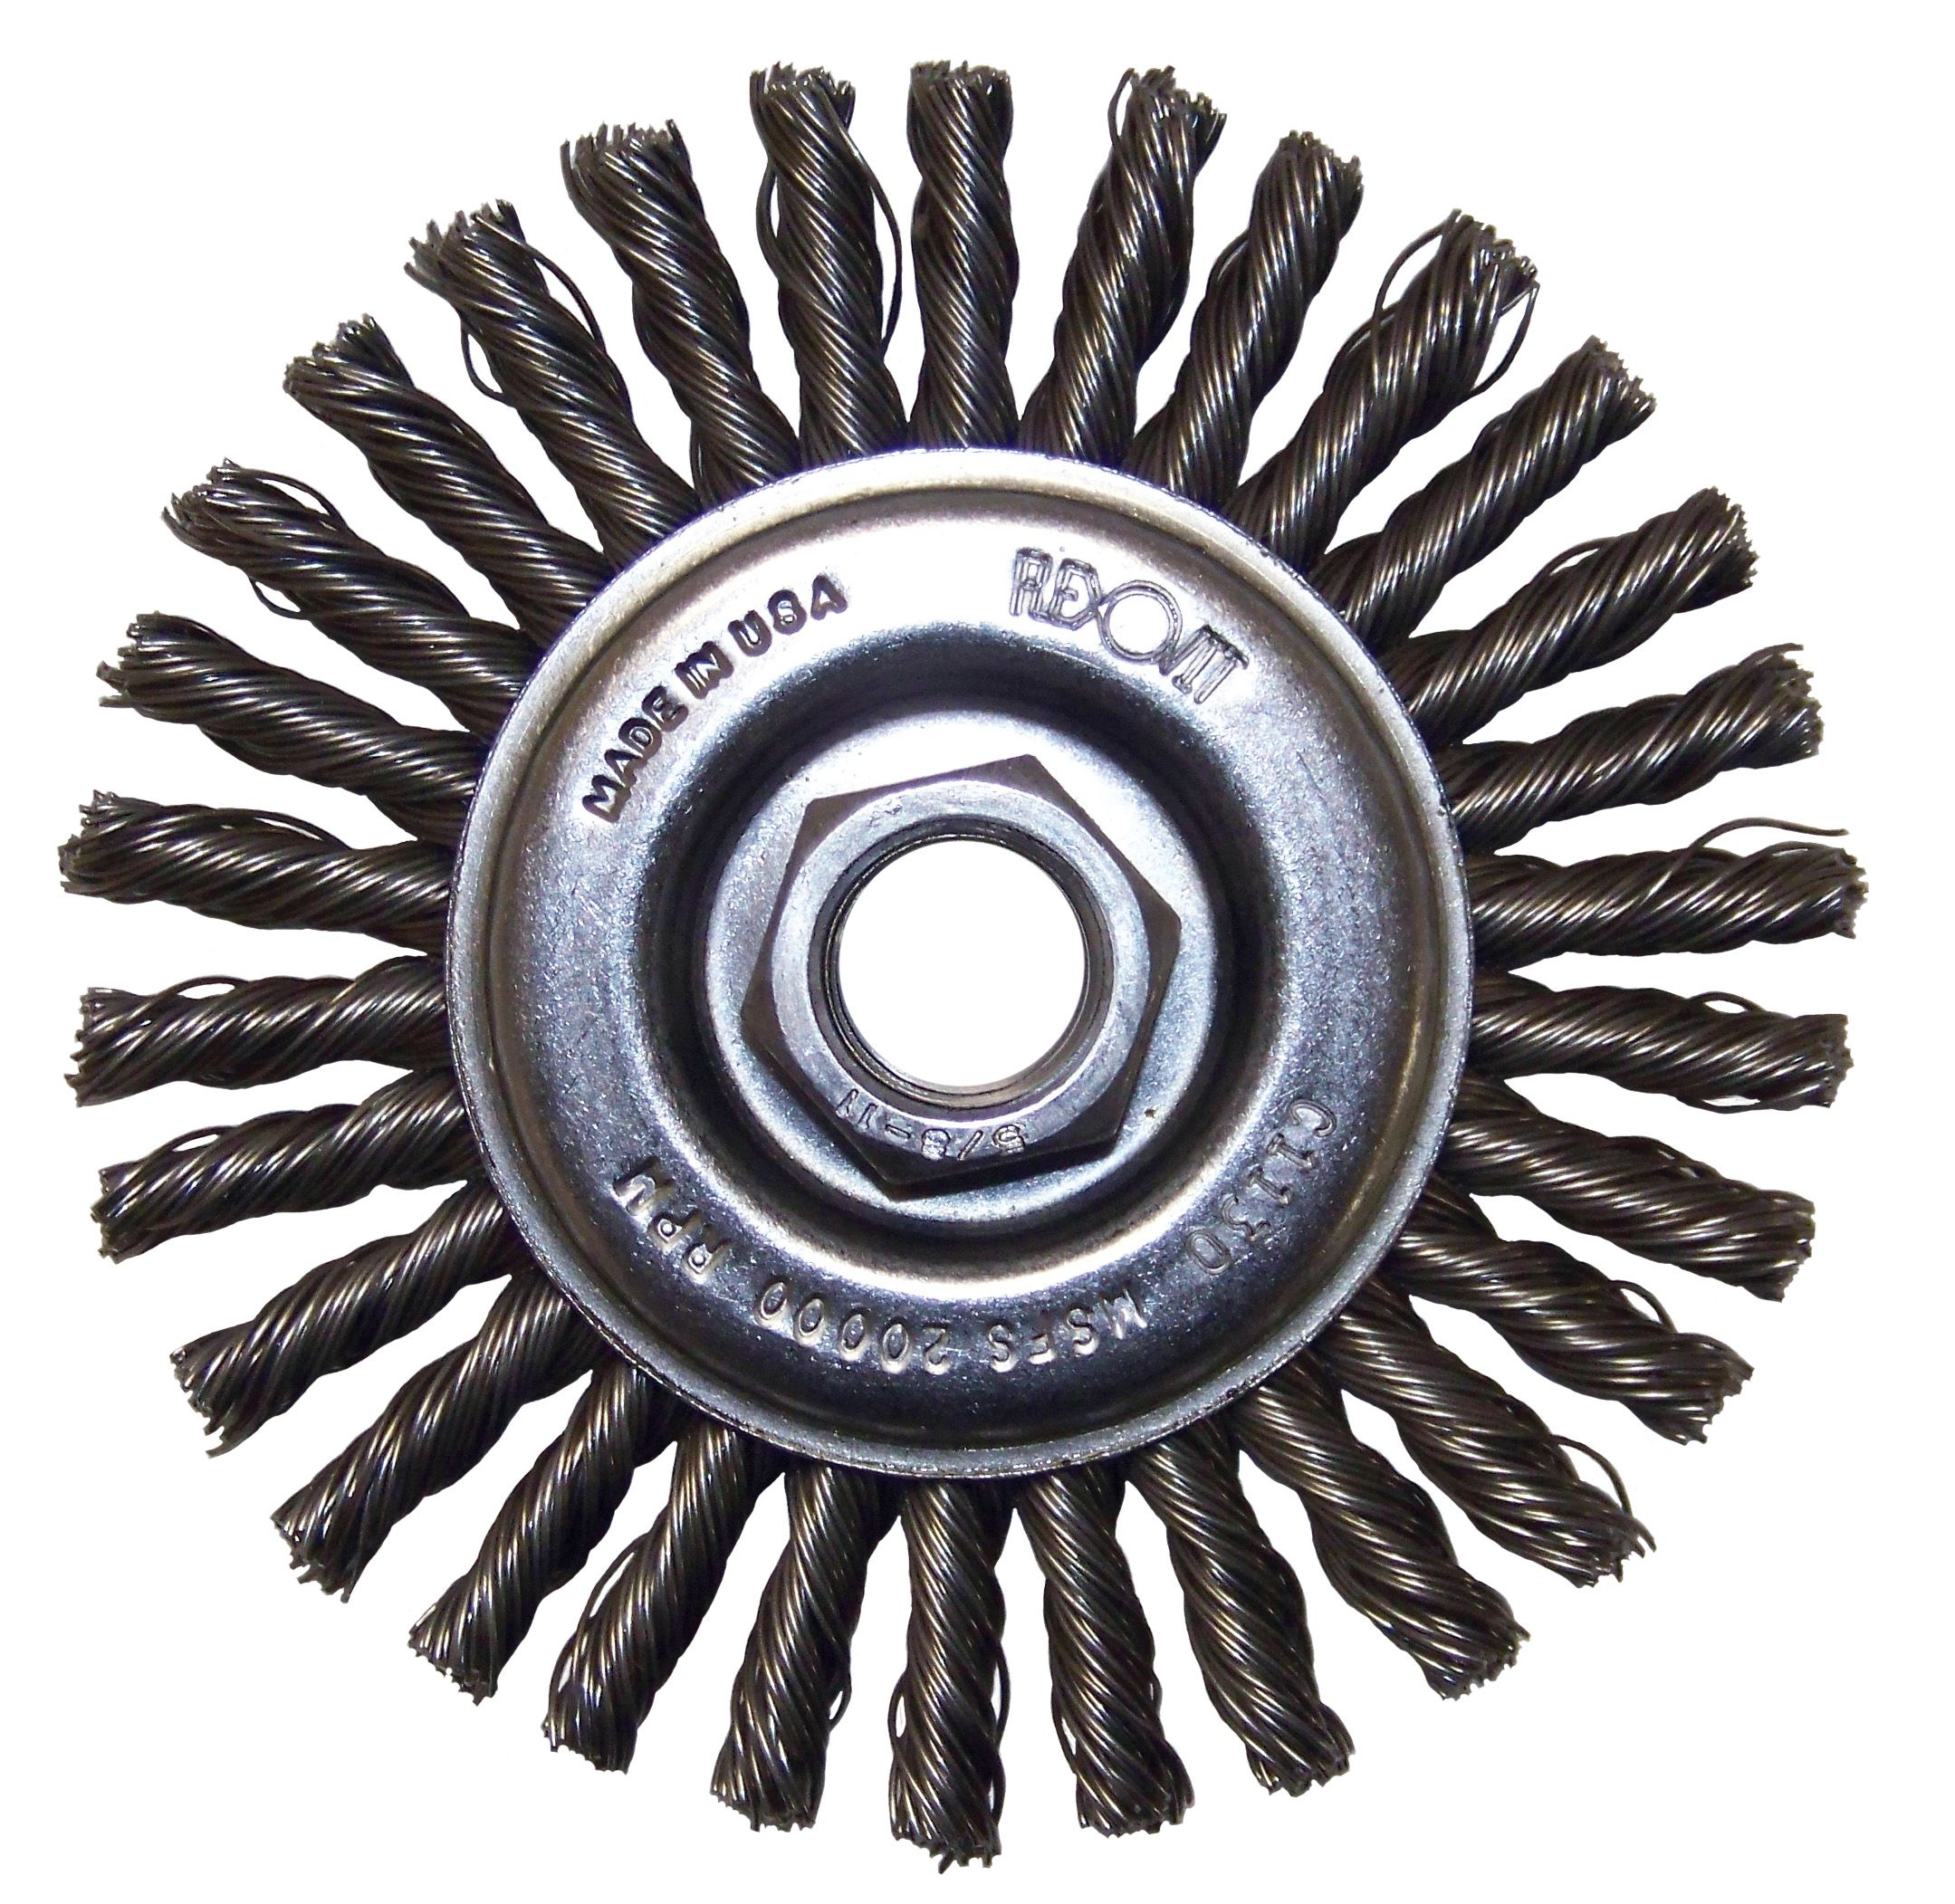 Flexovit C1190 Brosse nouée circulaire 4